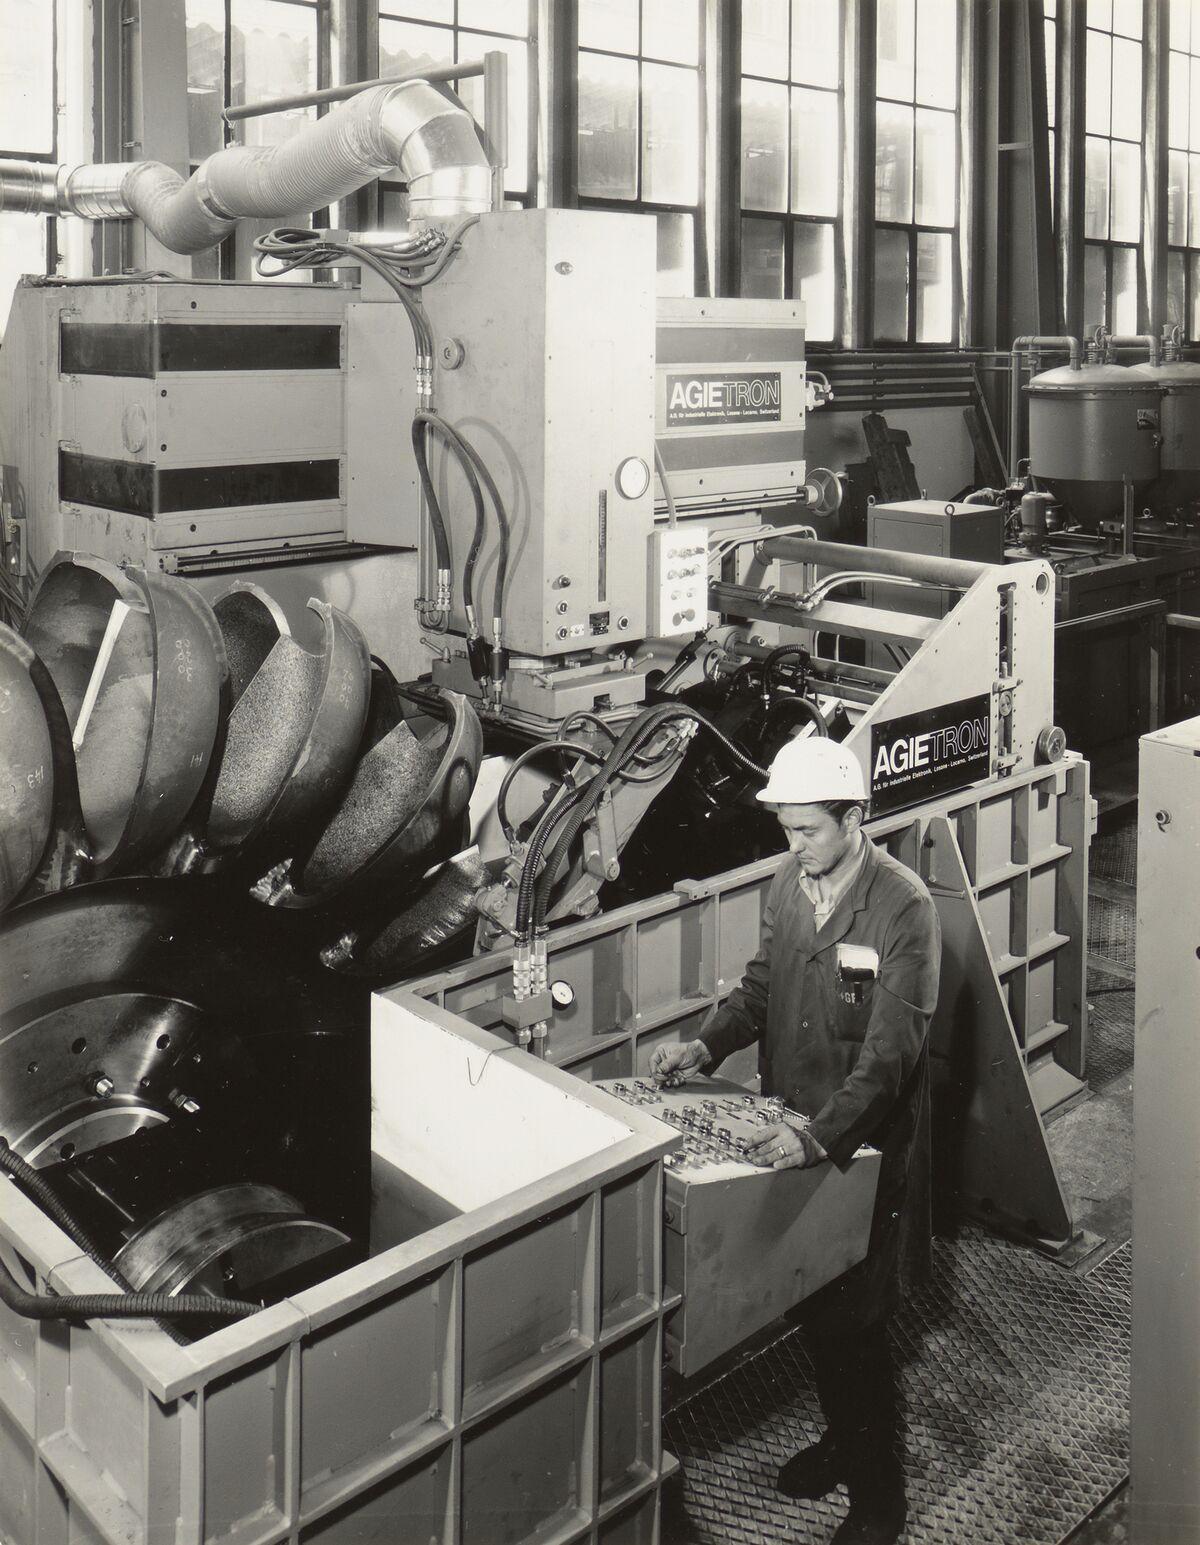 GFA 42/35510.2: AGIETRON-EMS 30 / P38 special machine at Georg Fischer, Schaffhausen